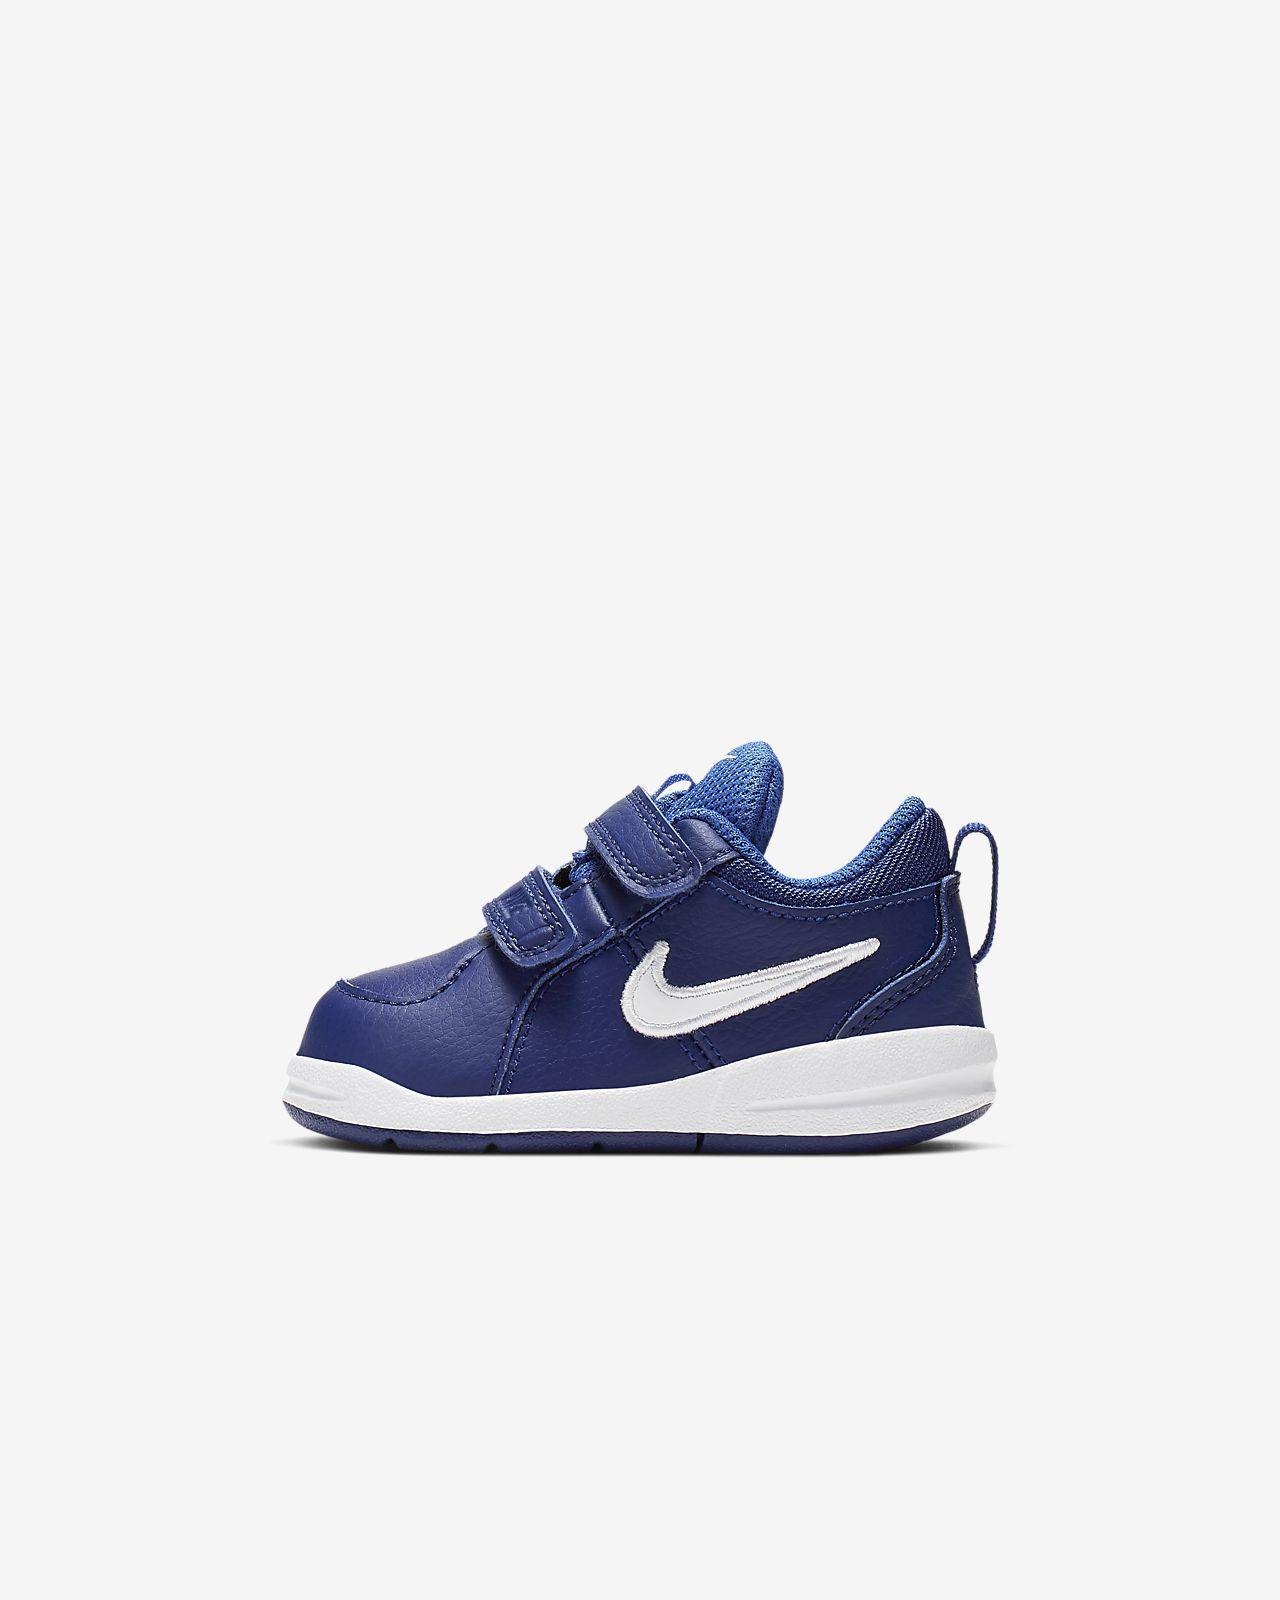 Pico Be Enfant Bébépetit Chaussure Nike 4 Pour pqnwwa5HB